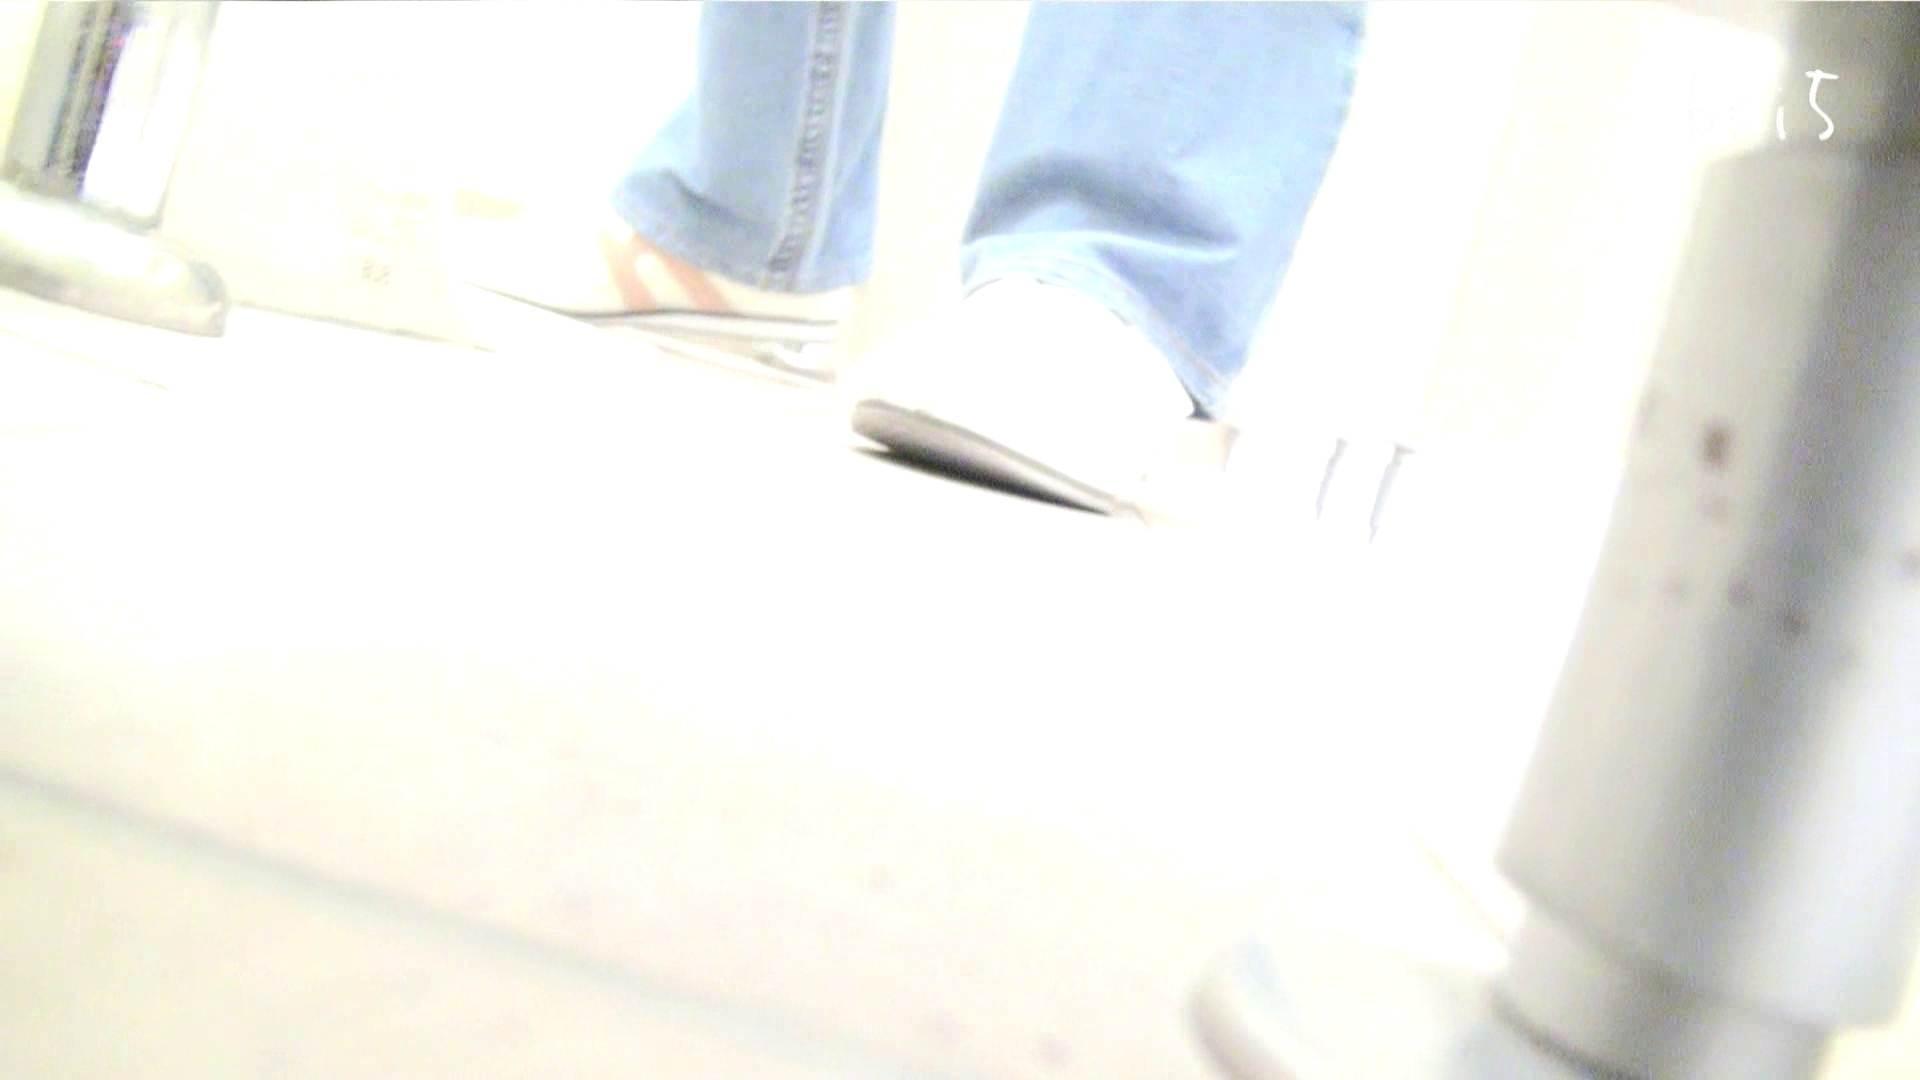 ナースのお小水 vol.005 ナースエロ画像 のぞき濡れ場動画紹介 58PICs 53